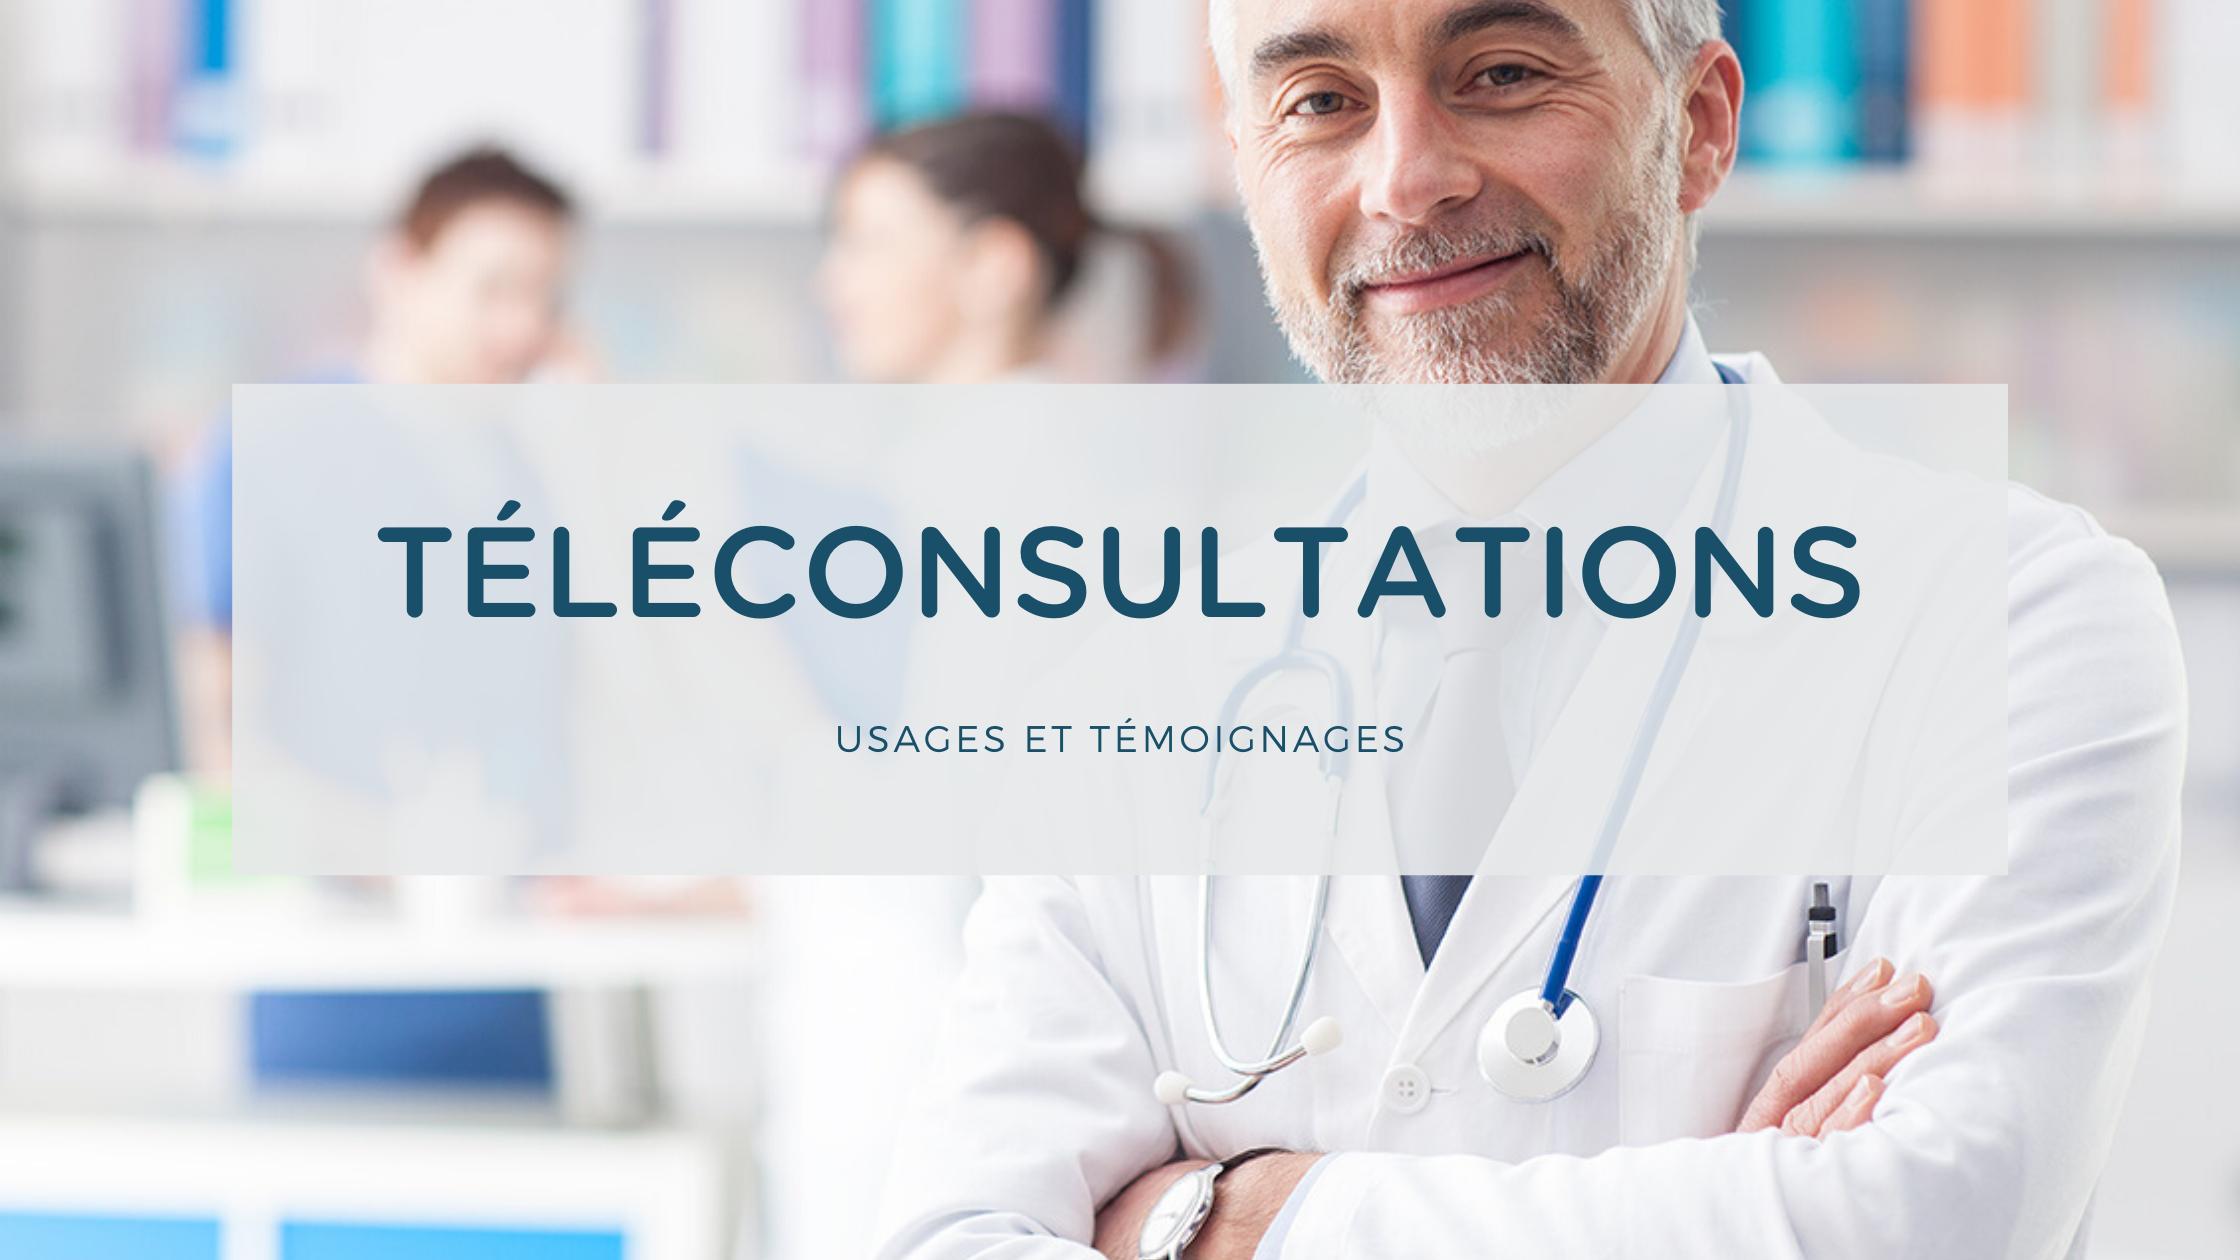 temoignage medecins teleconsultation covid19